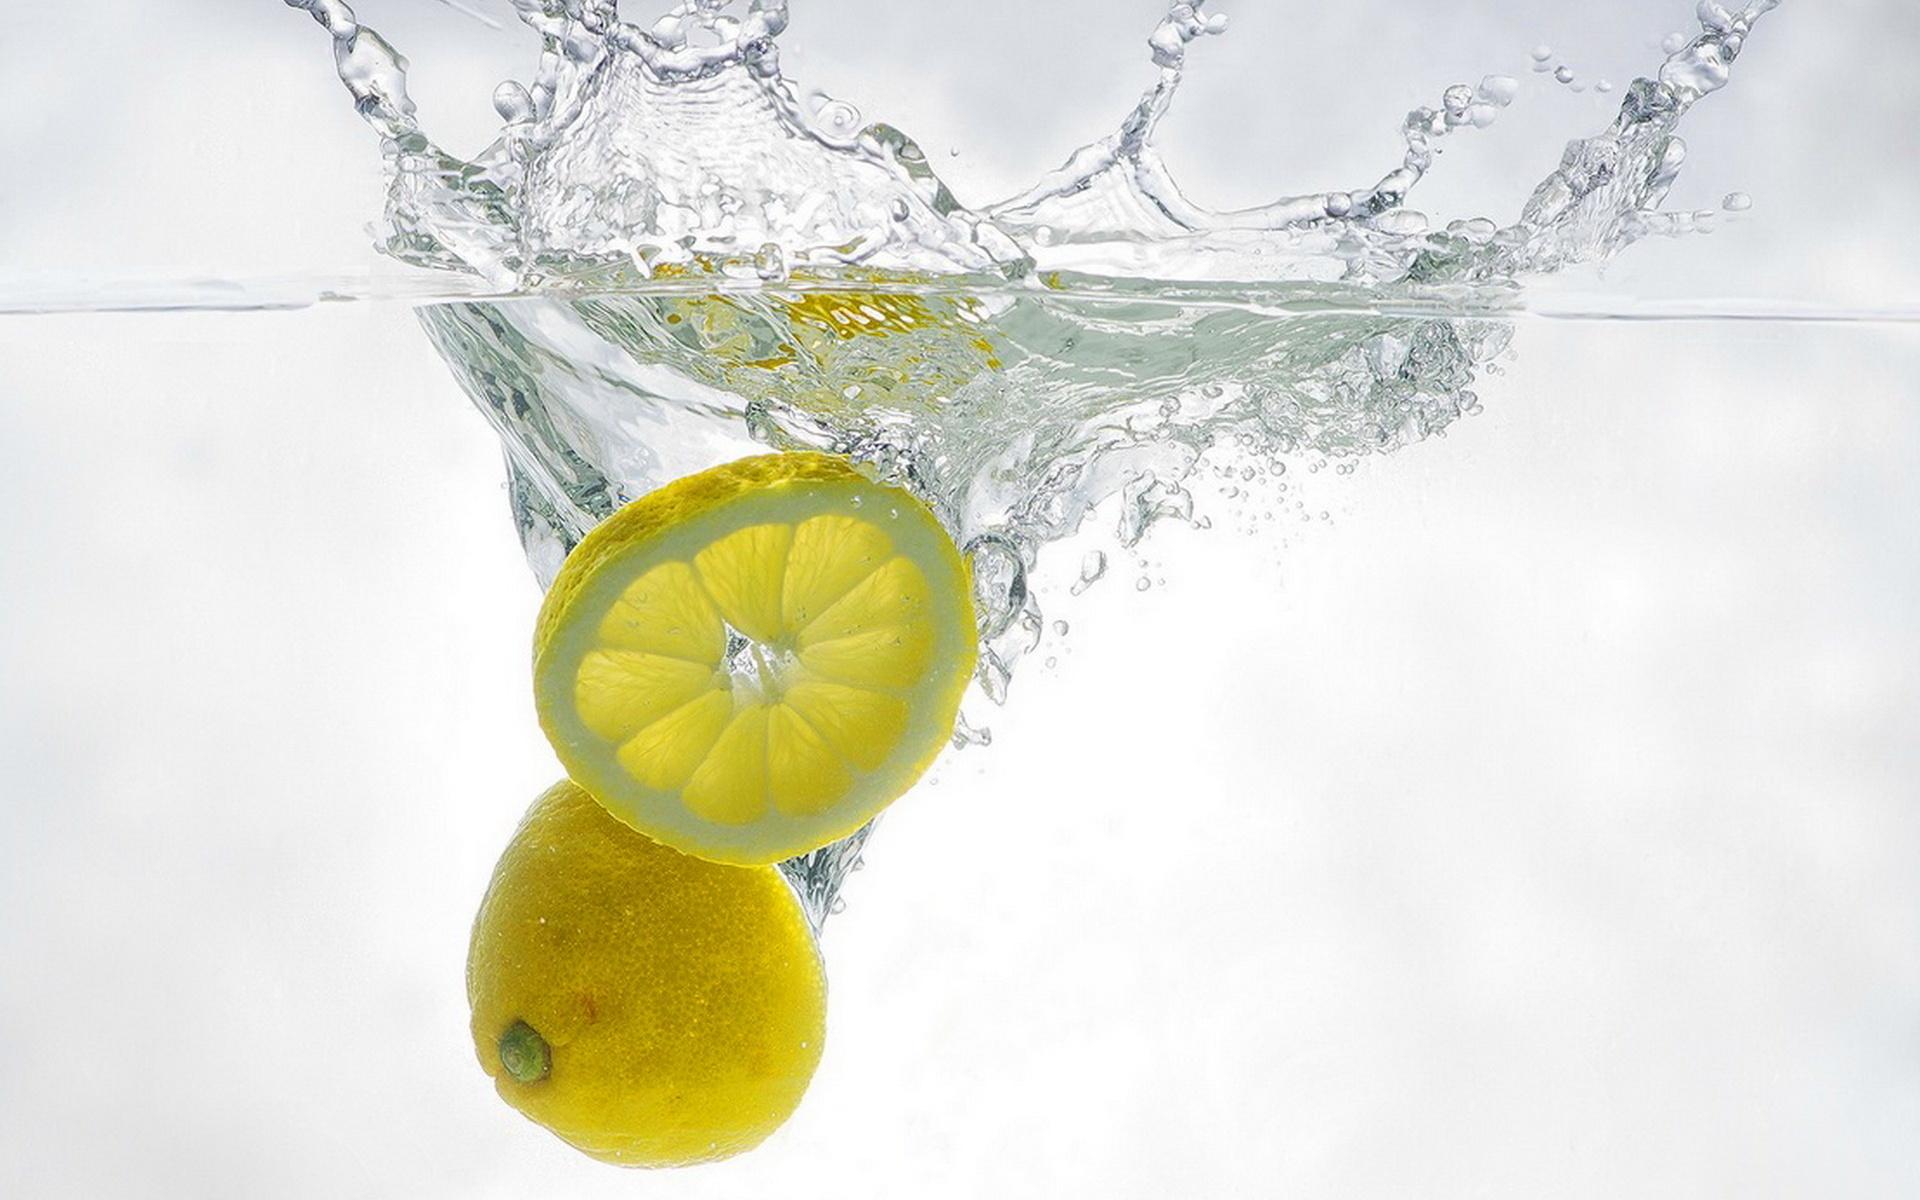 Дольки лимона в стакане  № 3698161 бесплатно